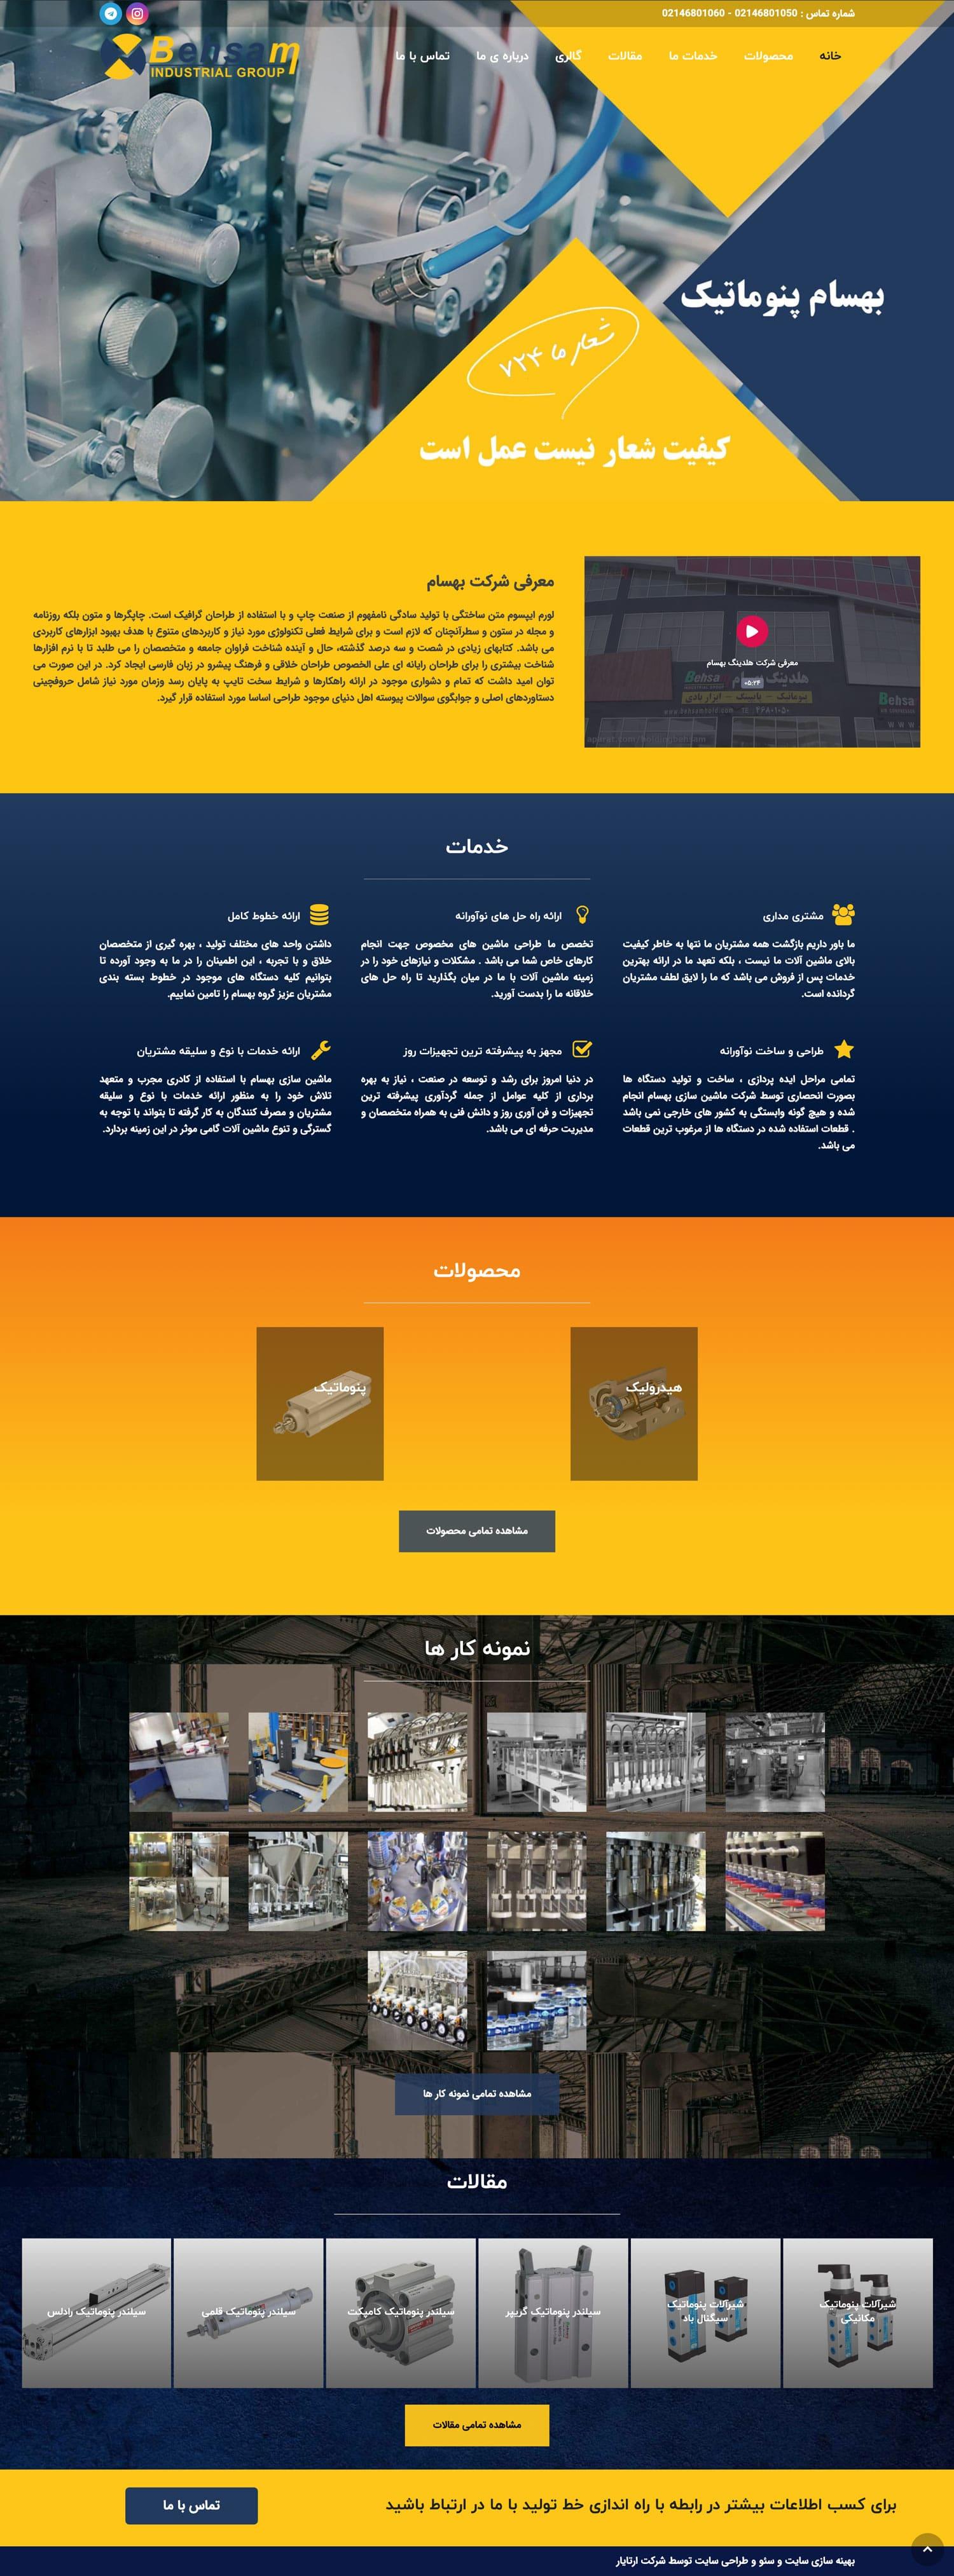 طراحی سایت شرکتی بهسام پنوماتیک